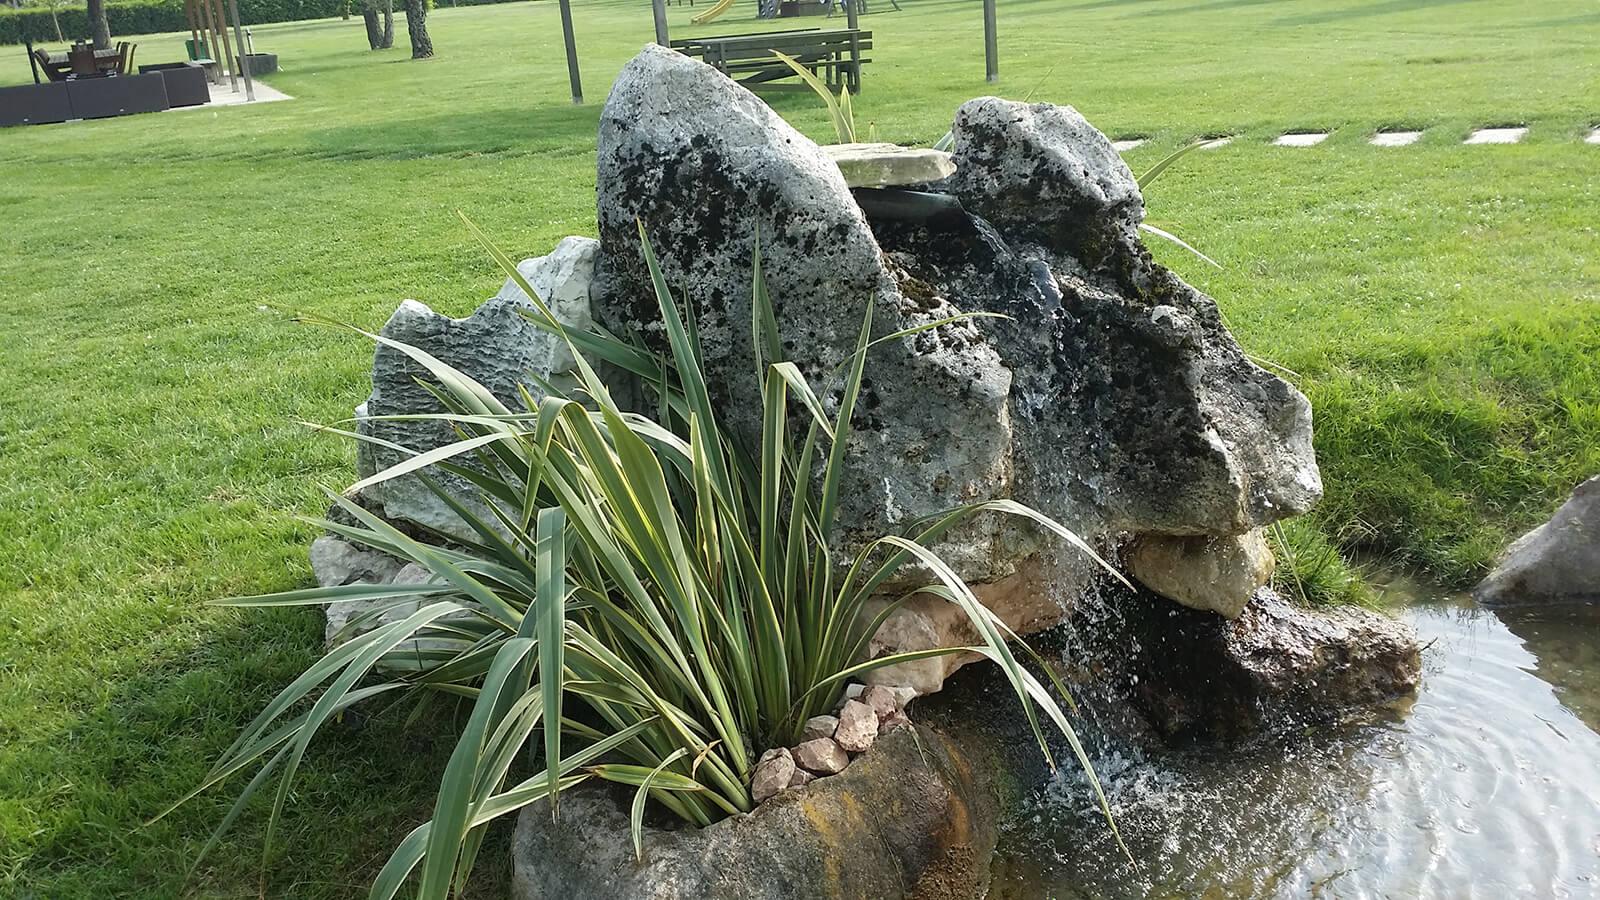 progettazione realizzazione giardini monticello conte otto - verde blu giardini 9